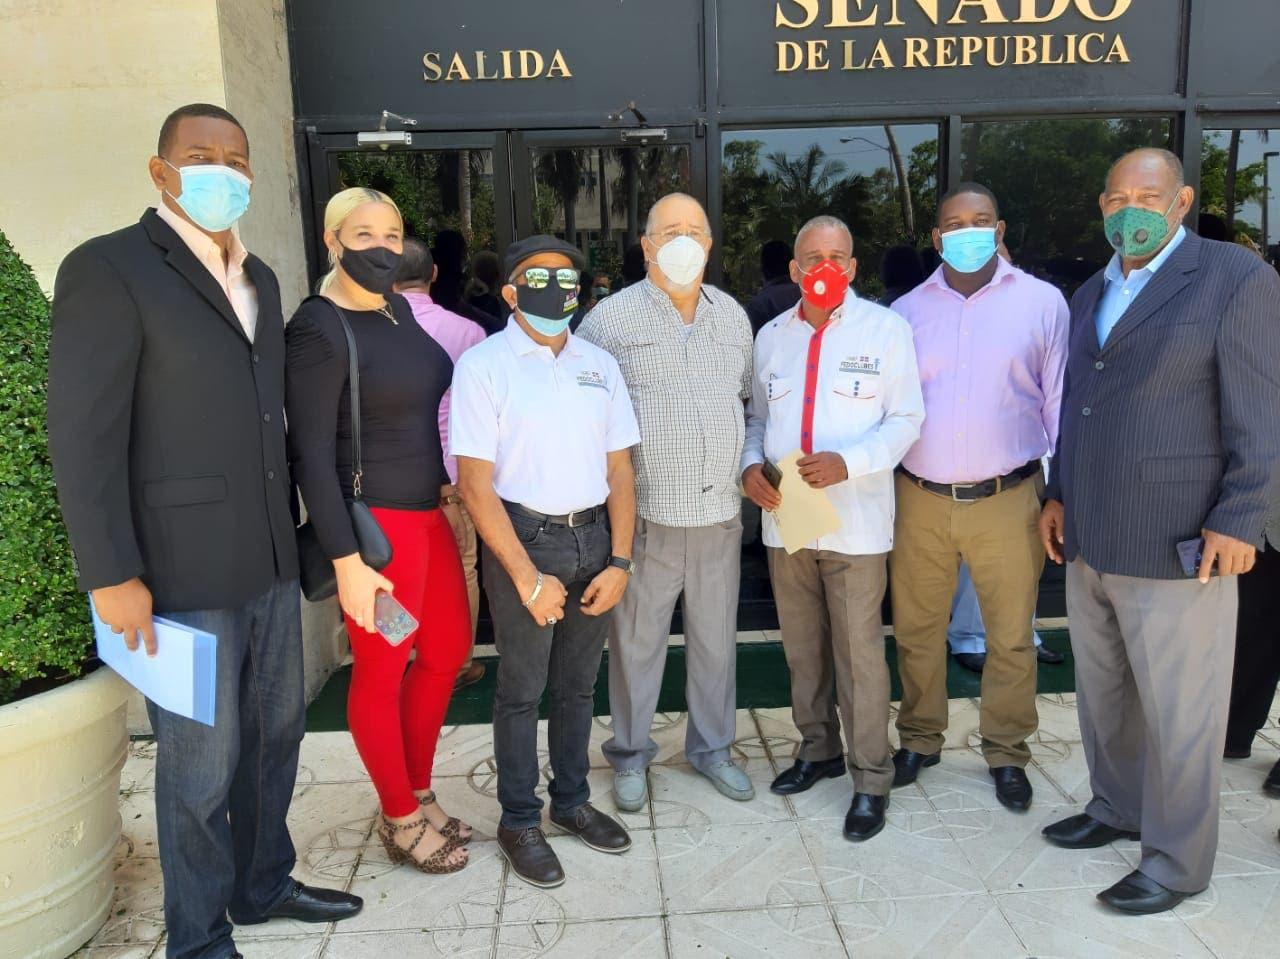 FEDOCLUBES y Club San Carlos inscribieron la candidatura de Eddy Olivares a presidente JCE